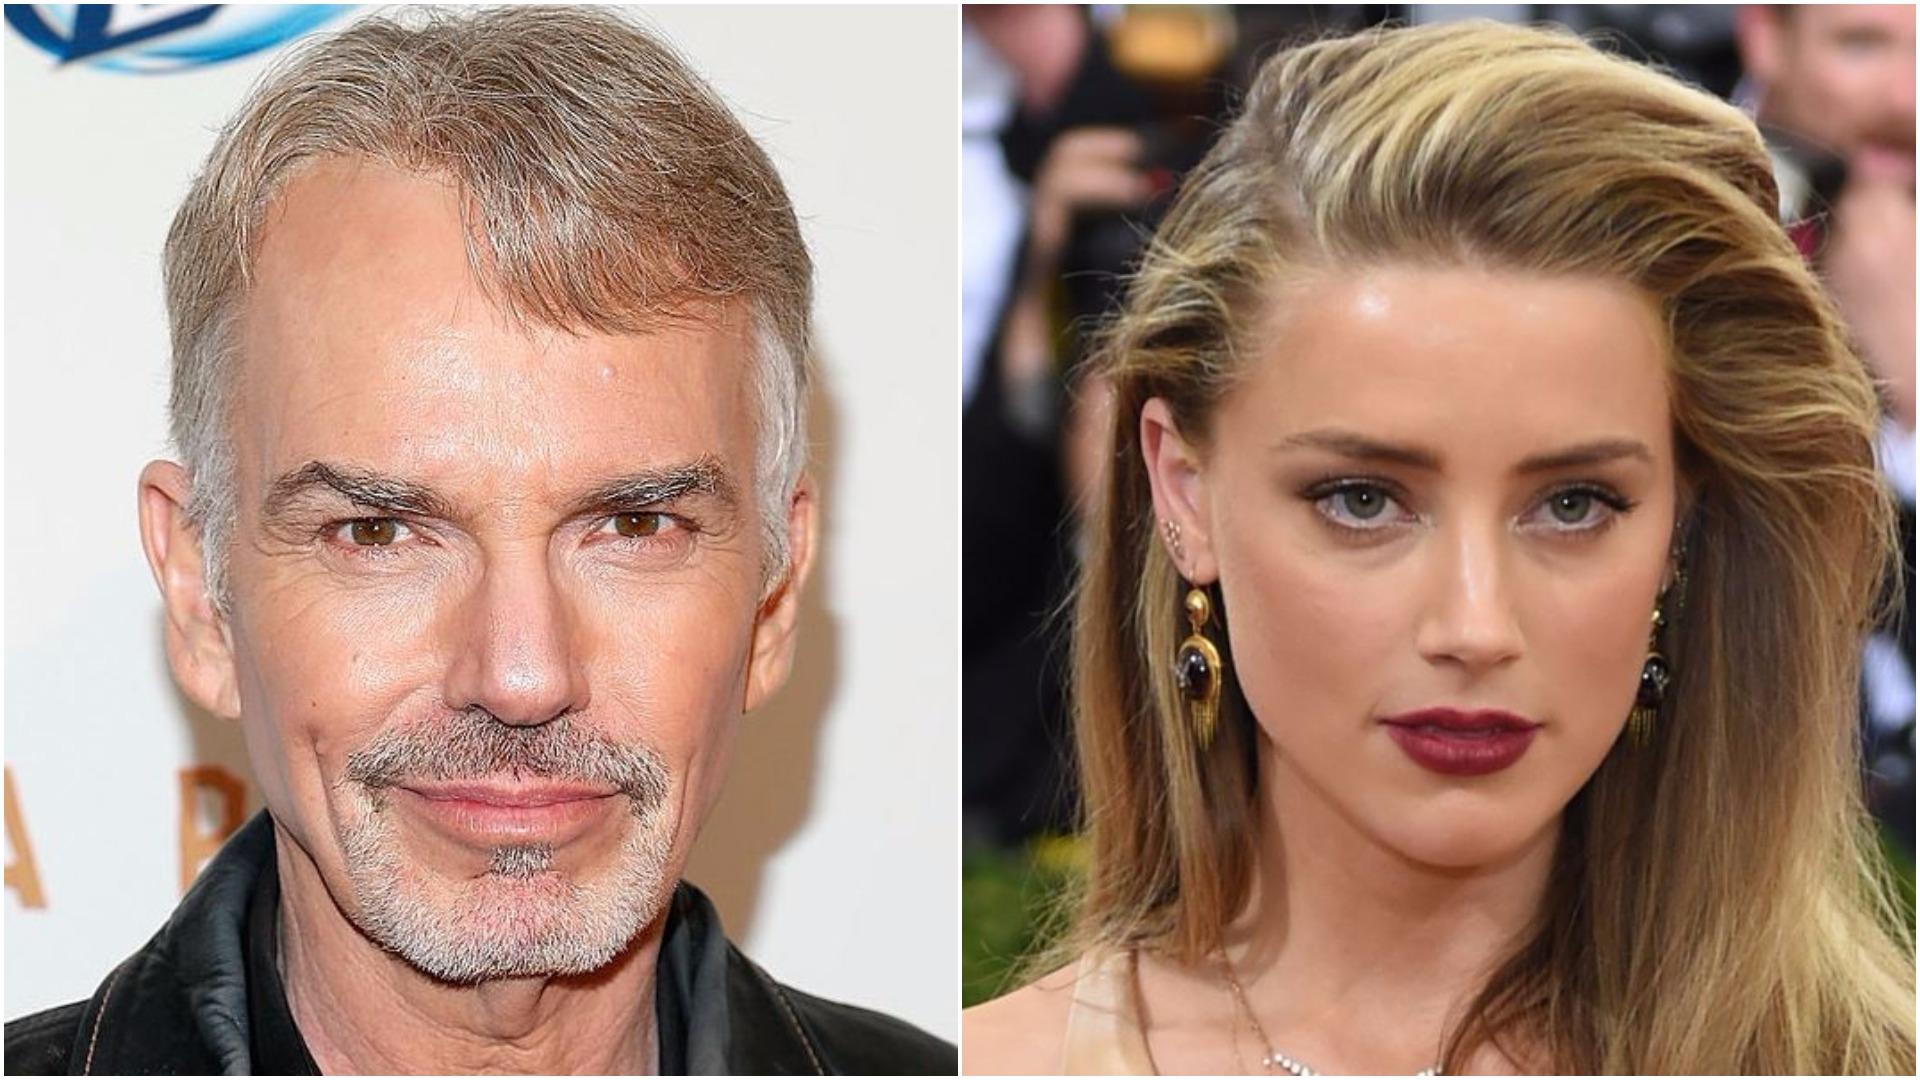 Billy Bob Thornton slams Johnny Depp's claim he had an affair with Amber Heard as 'completely false'